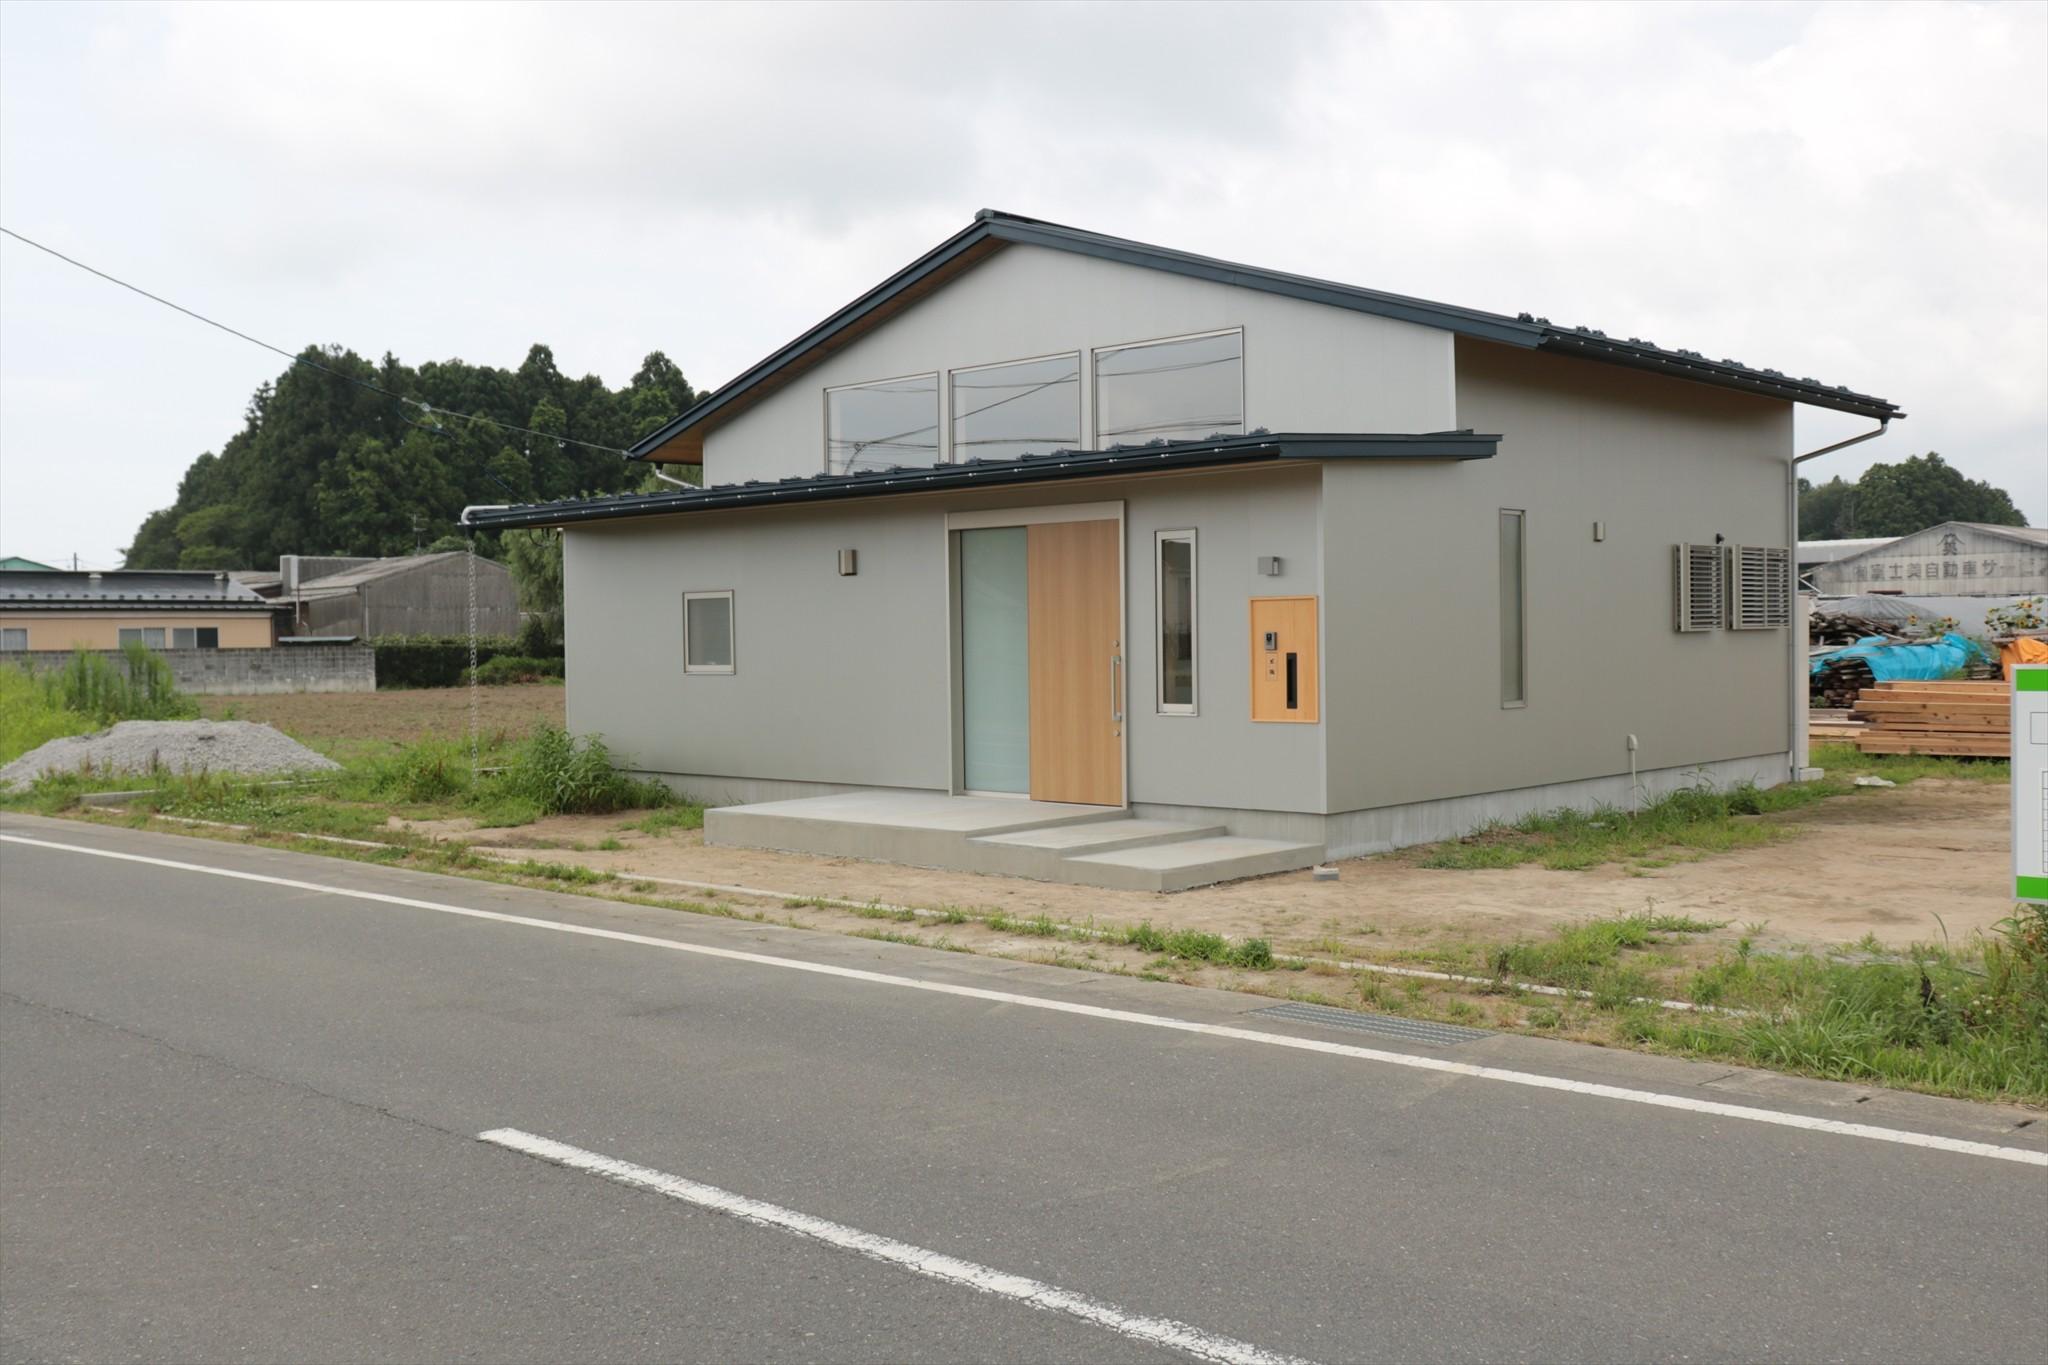 外観事例:休耕地の家|北東側外観(休耕地に建つ女性のための住宅)